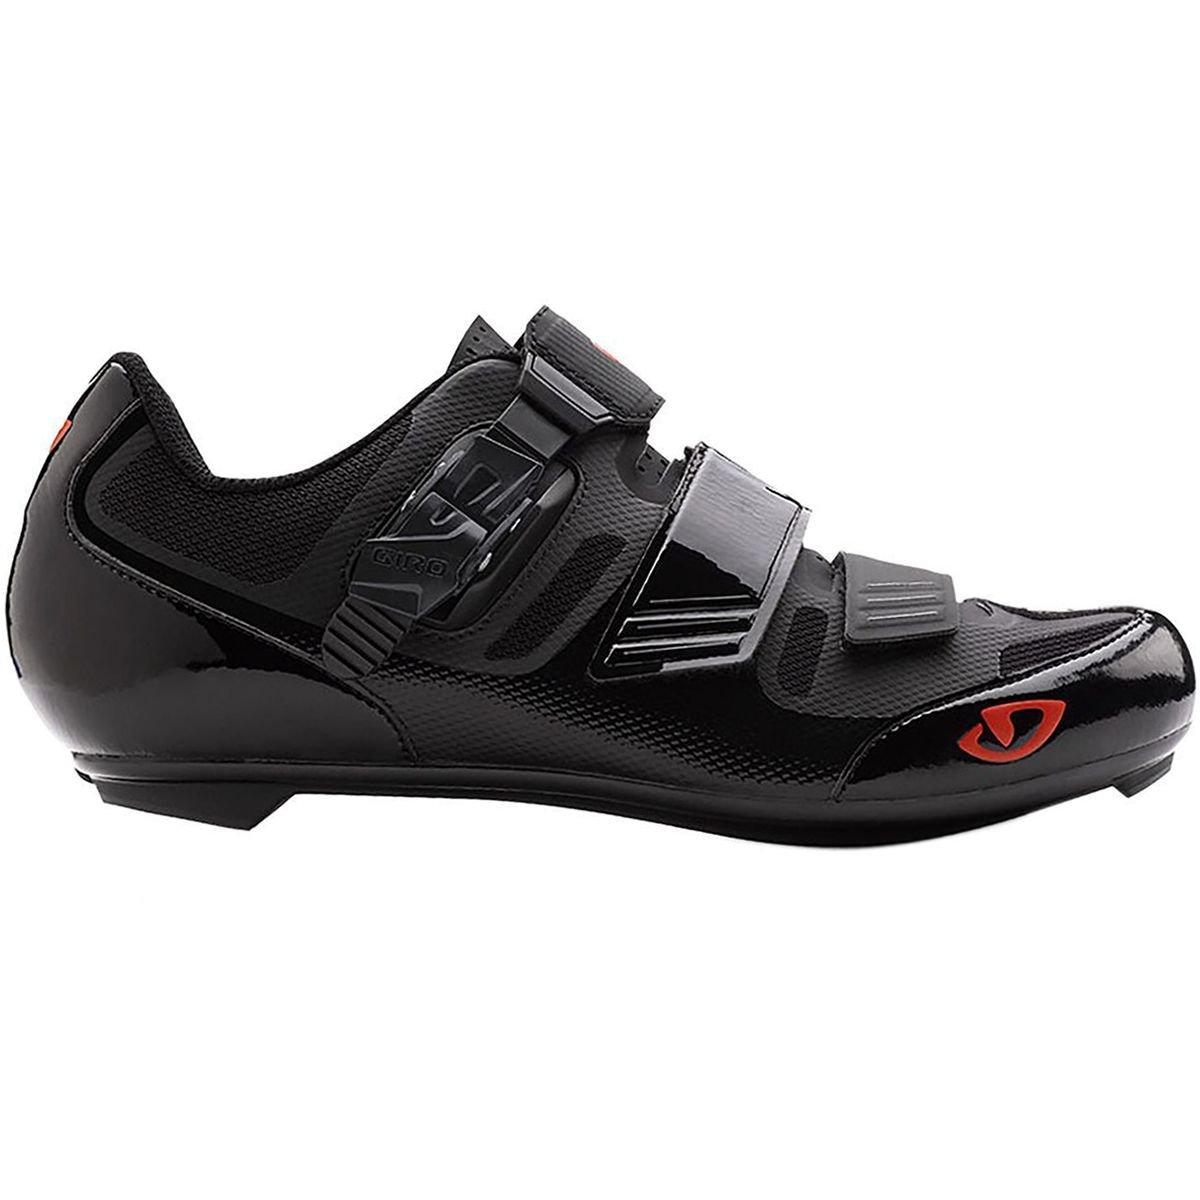 Giro Apeckx II Cycling Shoe - Men's Black/Bright Red, 39.0